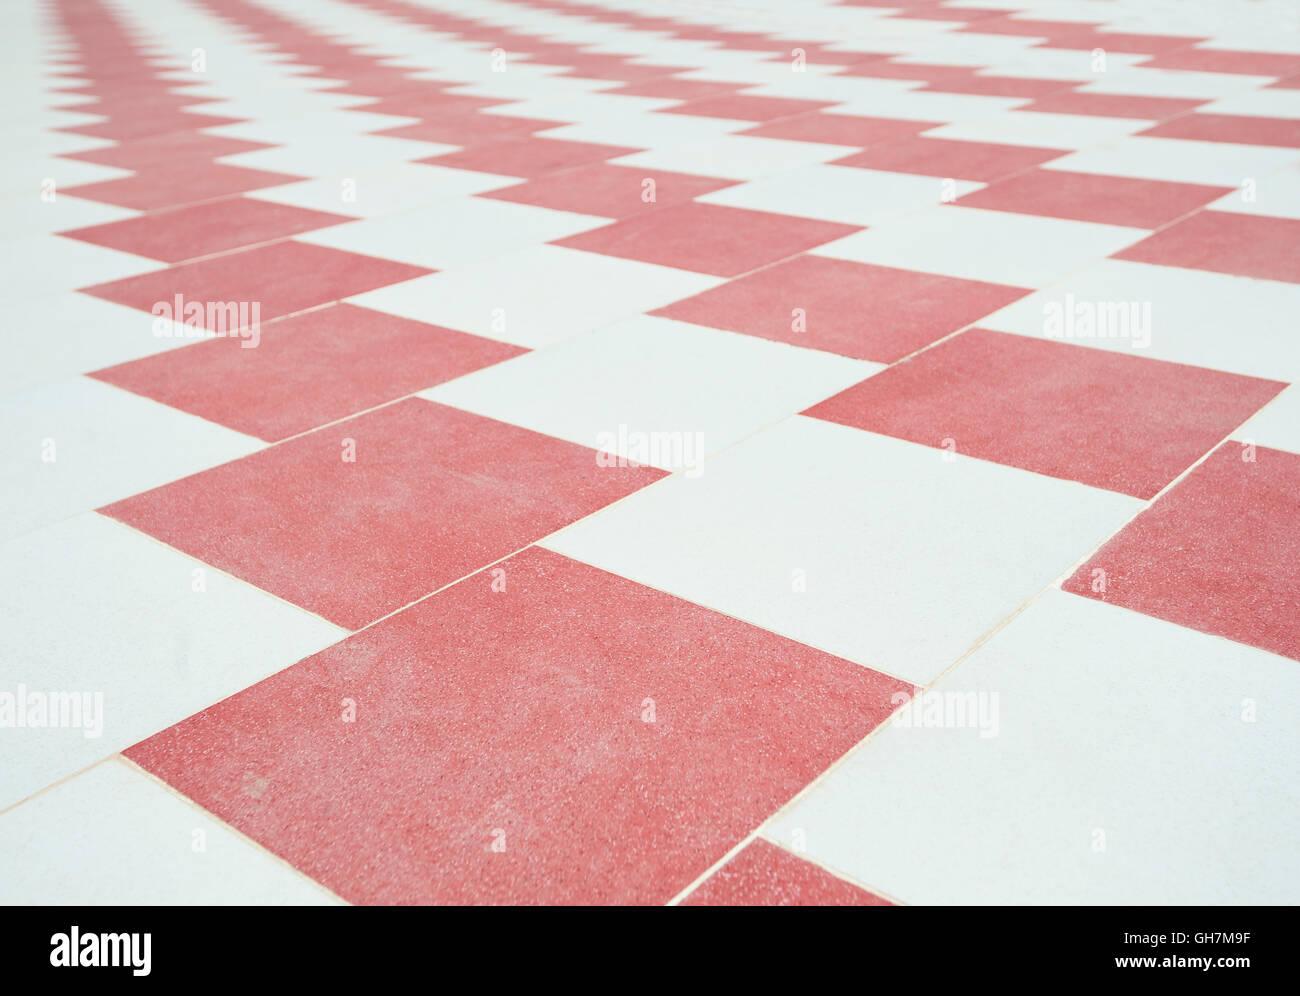 Pavimento Rosso E Bianco : Abstract il bianco e il rosso controllato con pavimento in